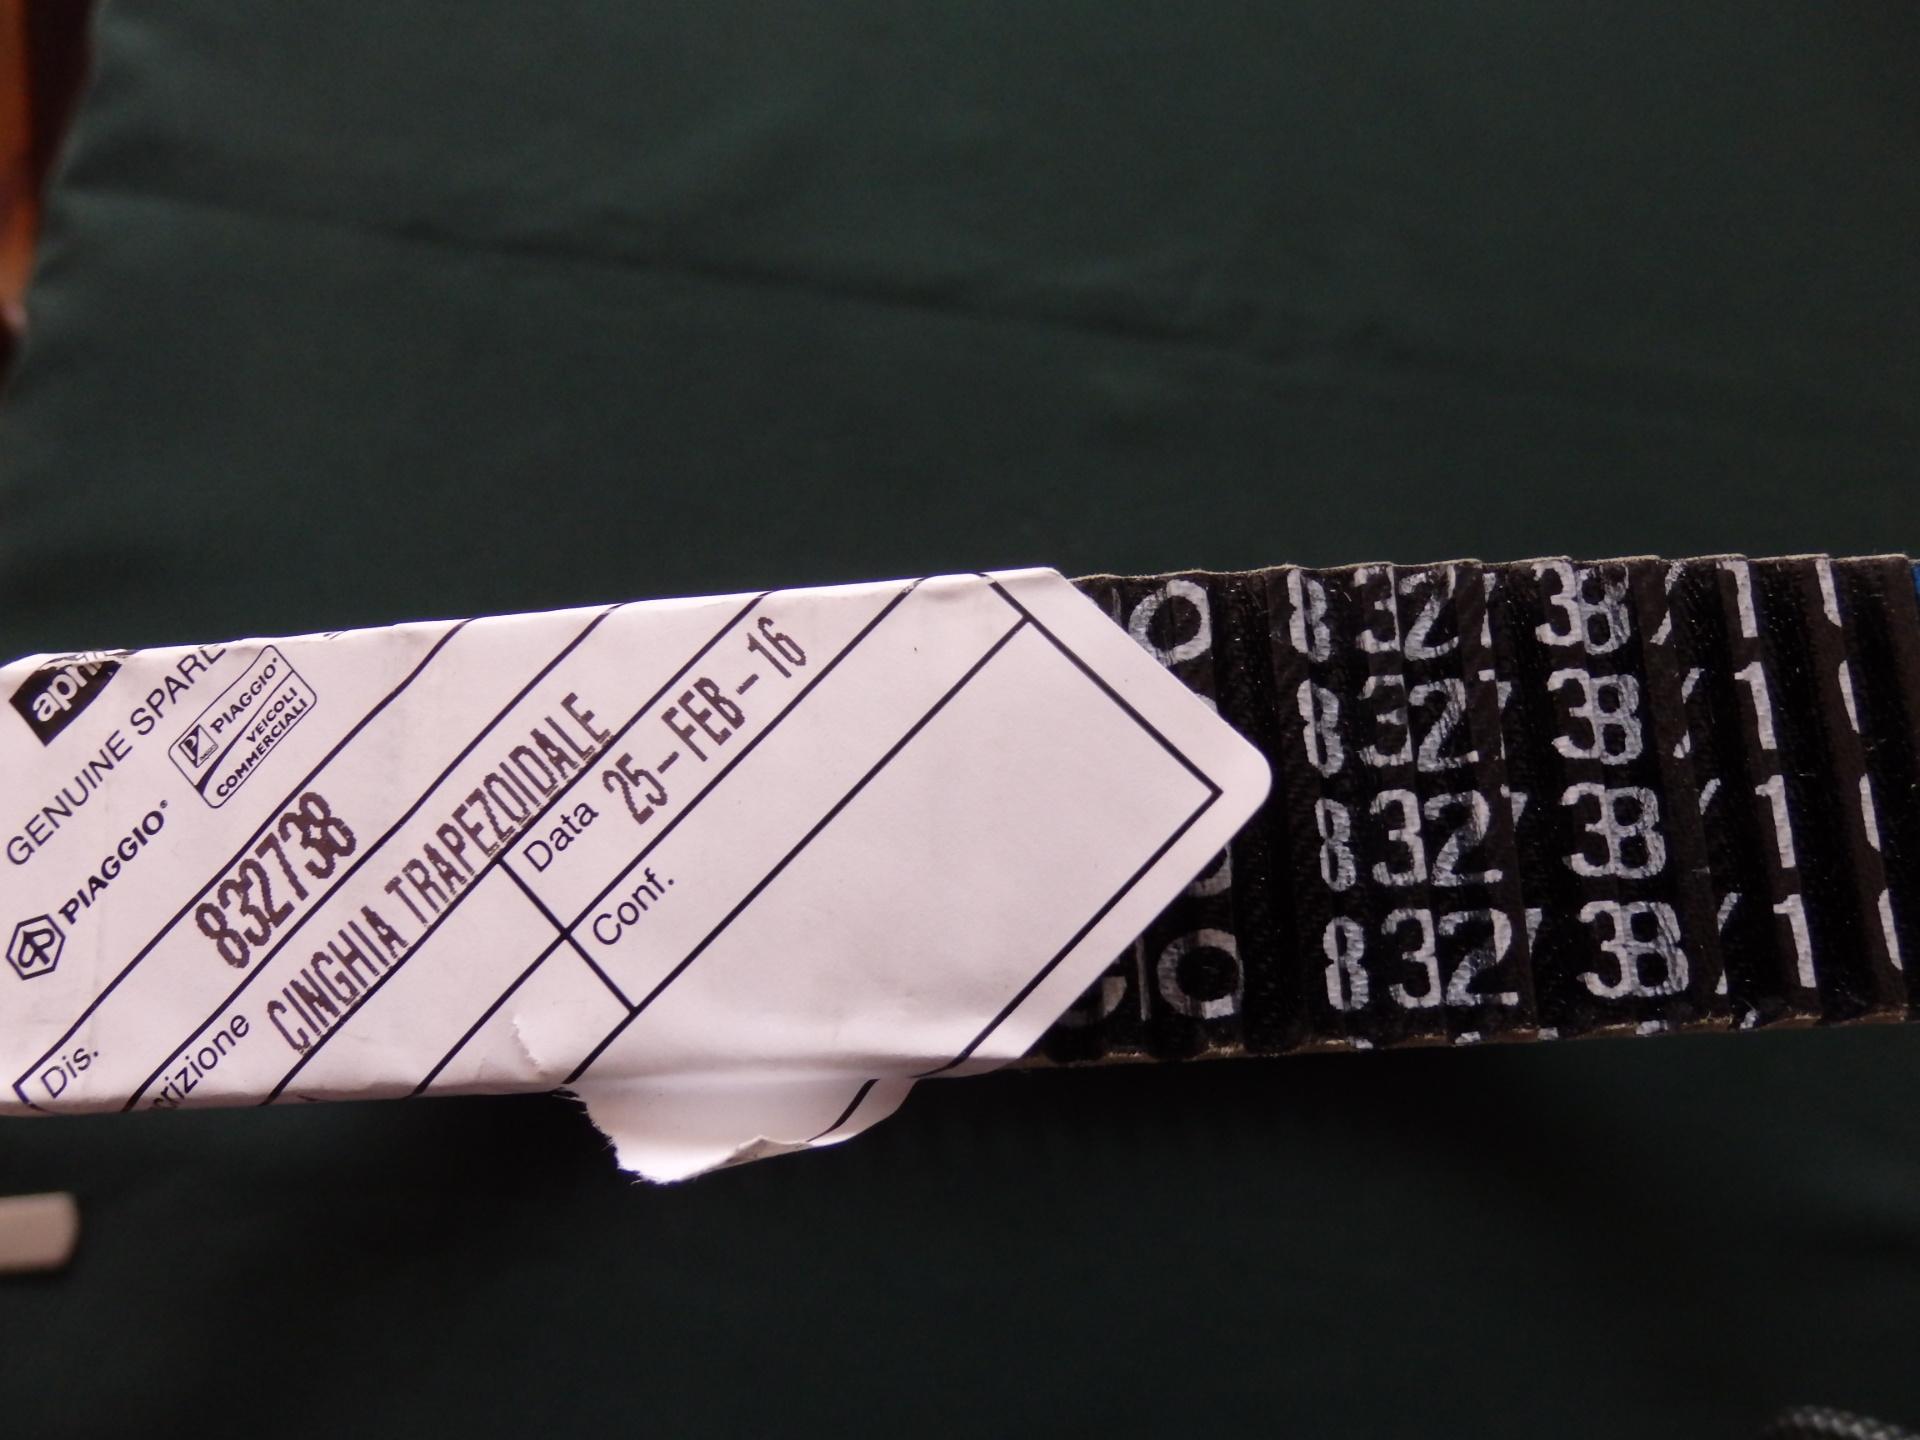 APRILIA NEXUS EURO 3 500 ÉKSZÍJ 28x1036 NEXUS EURO 3 500 (06-09) - 25300 Ft